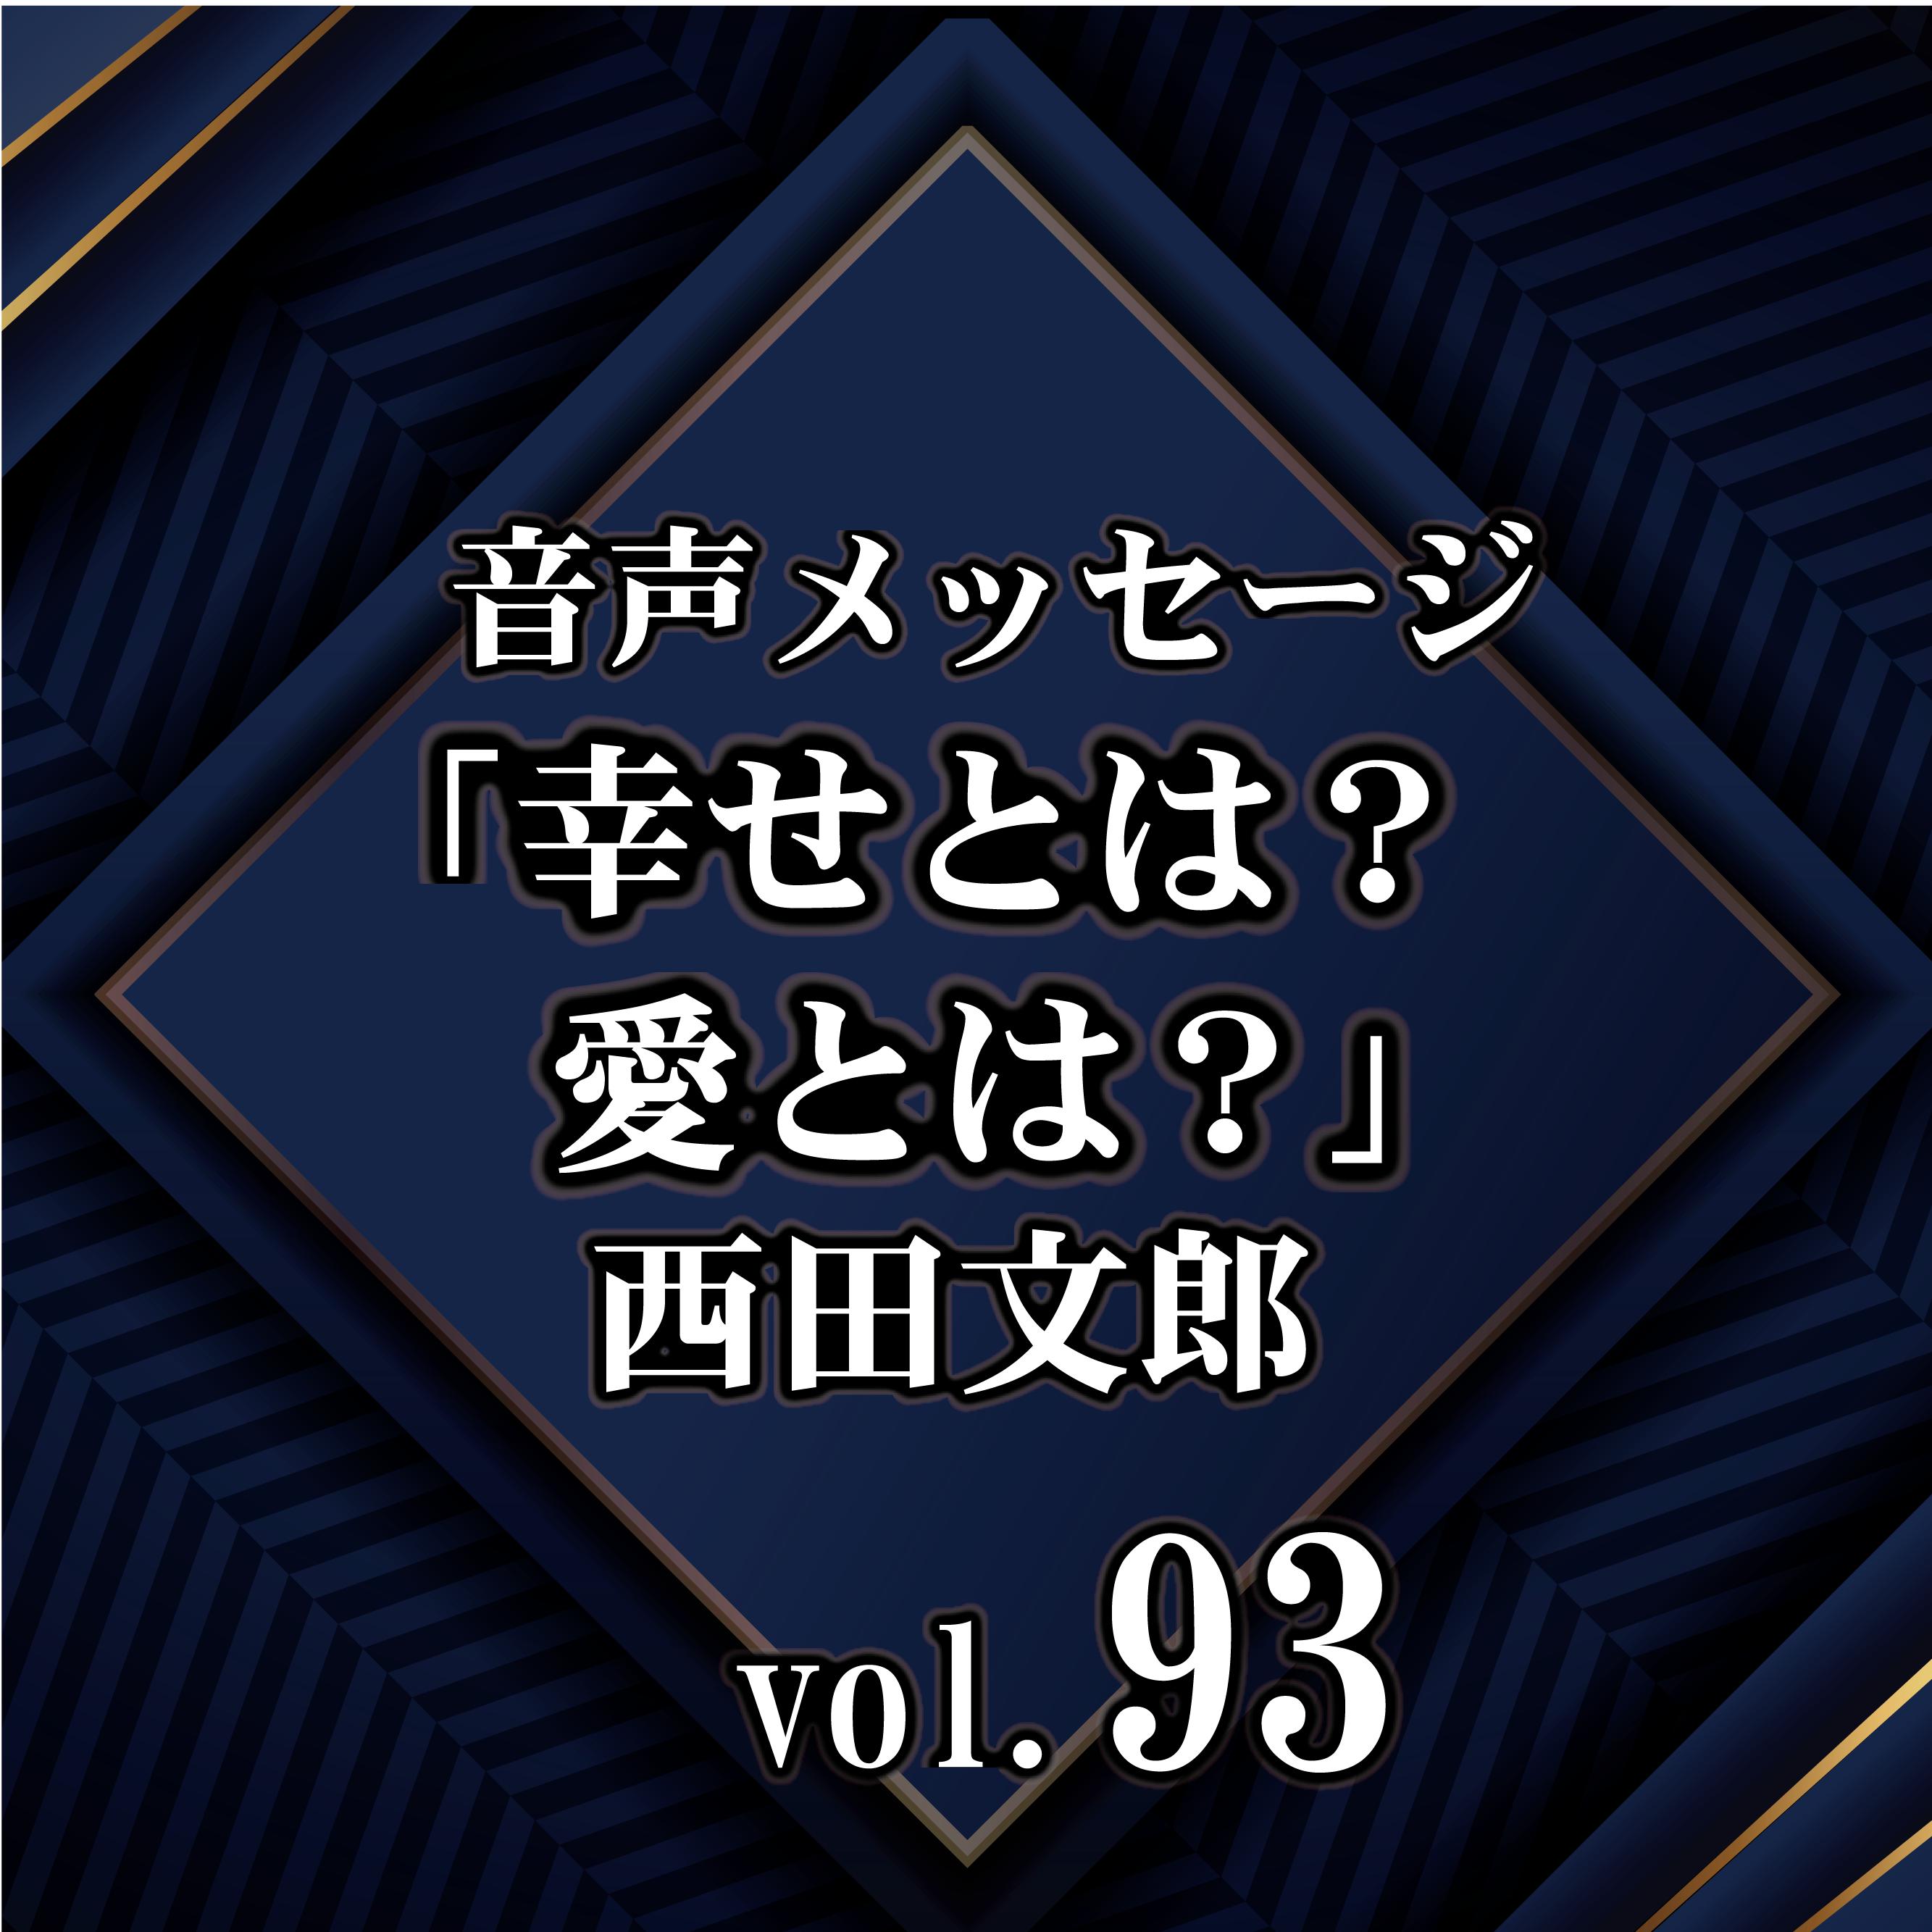 西田文郎 音声メッセージvol.93『幸せとは?愛とは?』